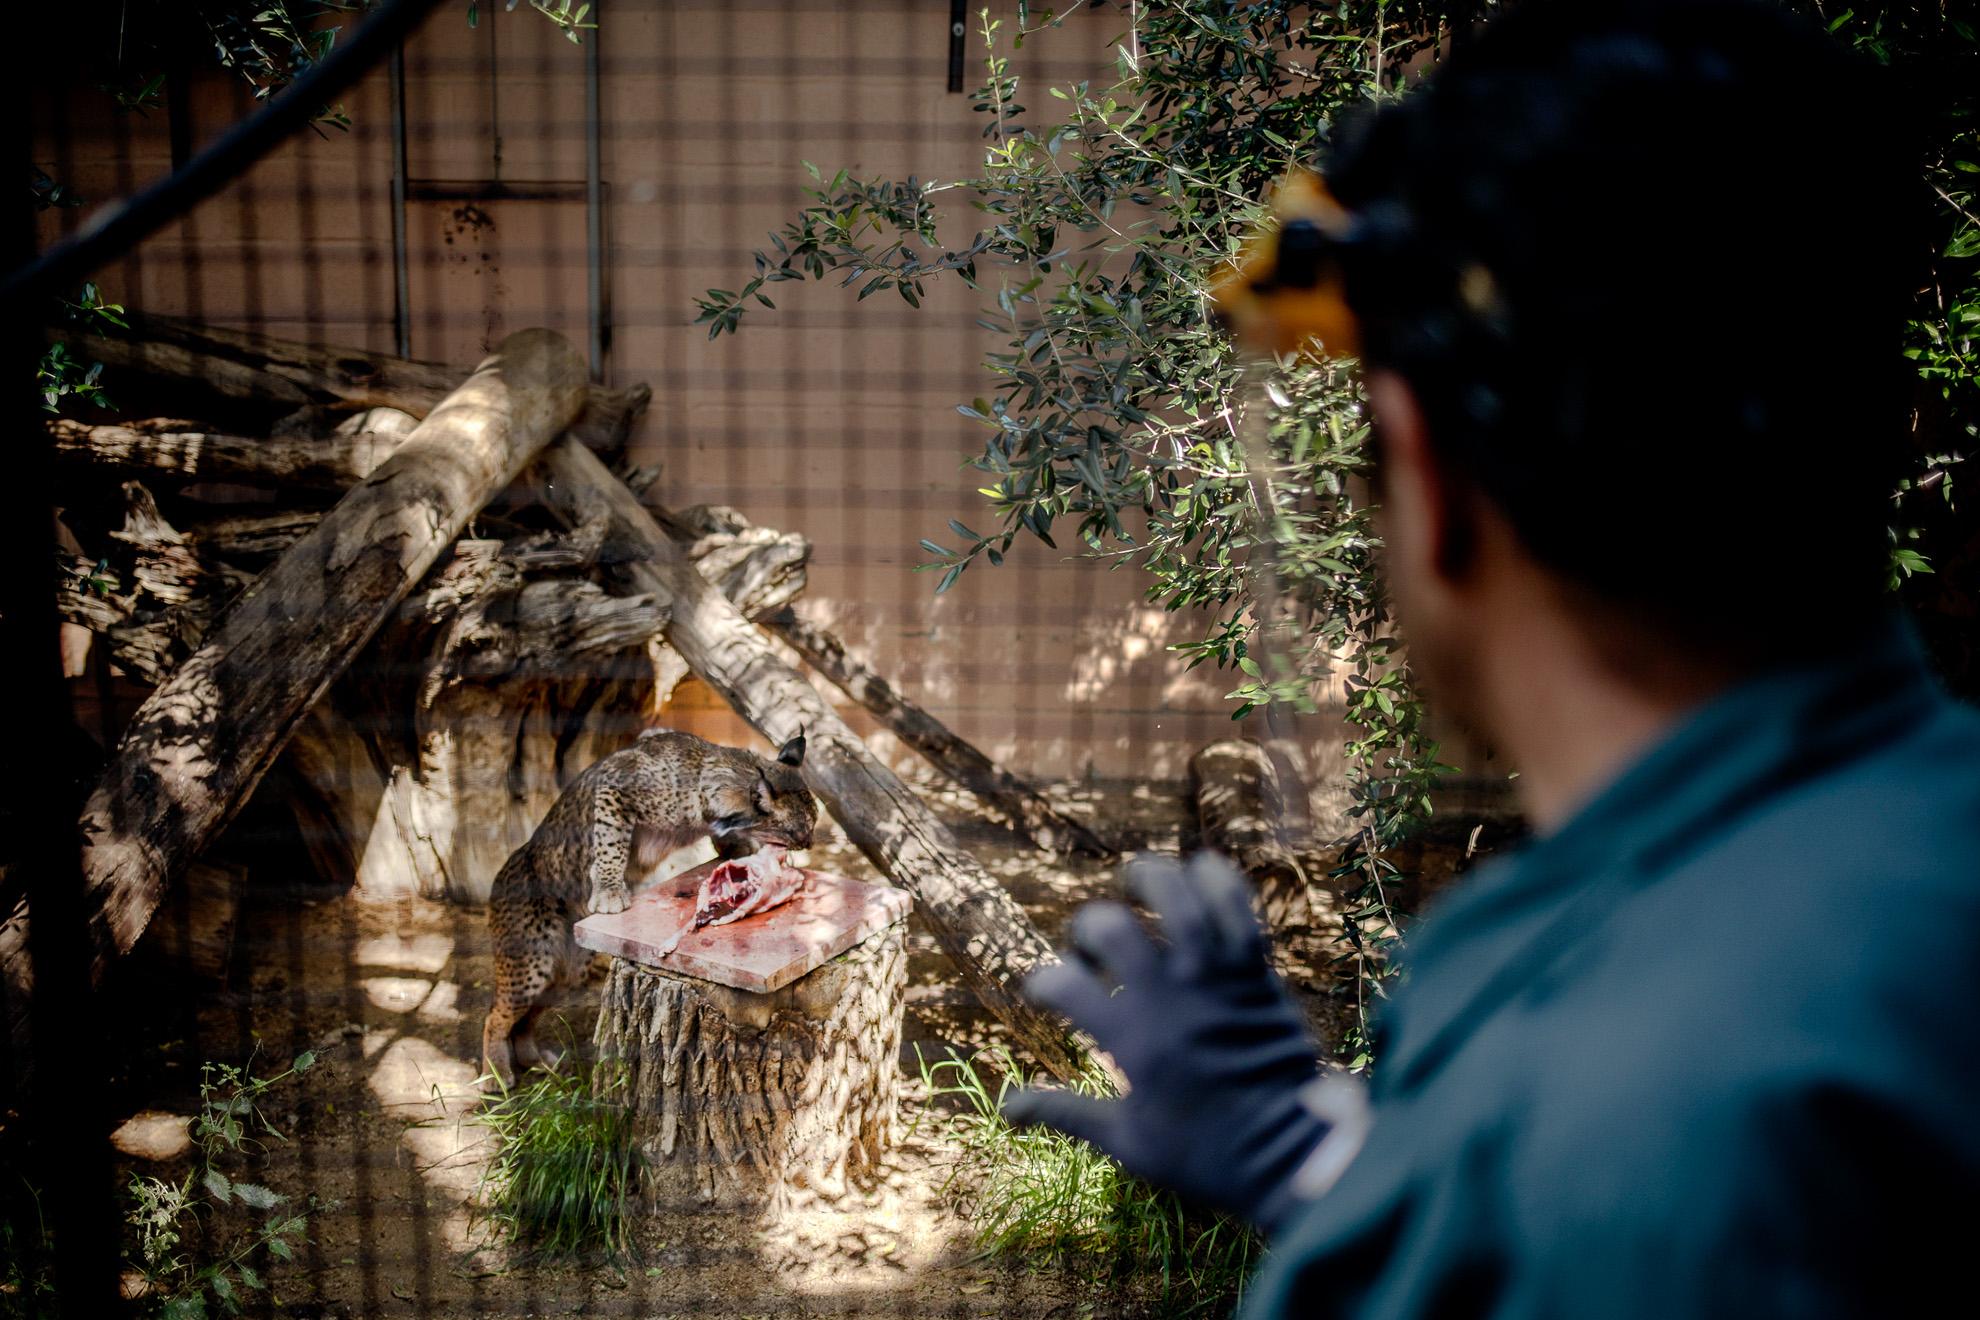 José María Aguilar, de 56 años y veterinario en el Zoo de Jerez, observa a Nabão comiendo, ya que en entre la comida hay un medicamento que el felino debe tomar. Nabão es un Lince Ibérico, nacido en 2016, que forma parte del programa de conservación de la especie que se lleva a cabo desde el Zoo: el Lince Ibérico, junto al Ibis Eremita, y otra treintena de especies, son recuperadas en el centro para su posterior reintroducción en la naturaleza. Aunque permanece cerrado al público por la pandemia la actividad continúa: todas las mañanas se reúne la plantilla para realizar una comprobación de posibles síntomas de COVID-19 entre los trabajadores, usan medidas de profilaxis con todos los animales, haciendo especial énfasis con felinos y primates, al ser estos los más propensos a contagiarse con la enfermedad; también siguen un estricto protocolo con la ropa de trabajo: solo es usada una jornada, luego se lava de manera industrial para su desinfección de posibles patógenos. Aún no está claro cuando volverá a abrir sus puertas al público, pero la recuperación de especies y el cuidado de los animales no cesa.